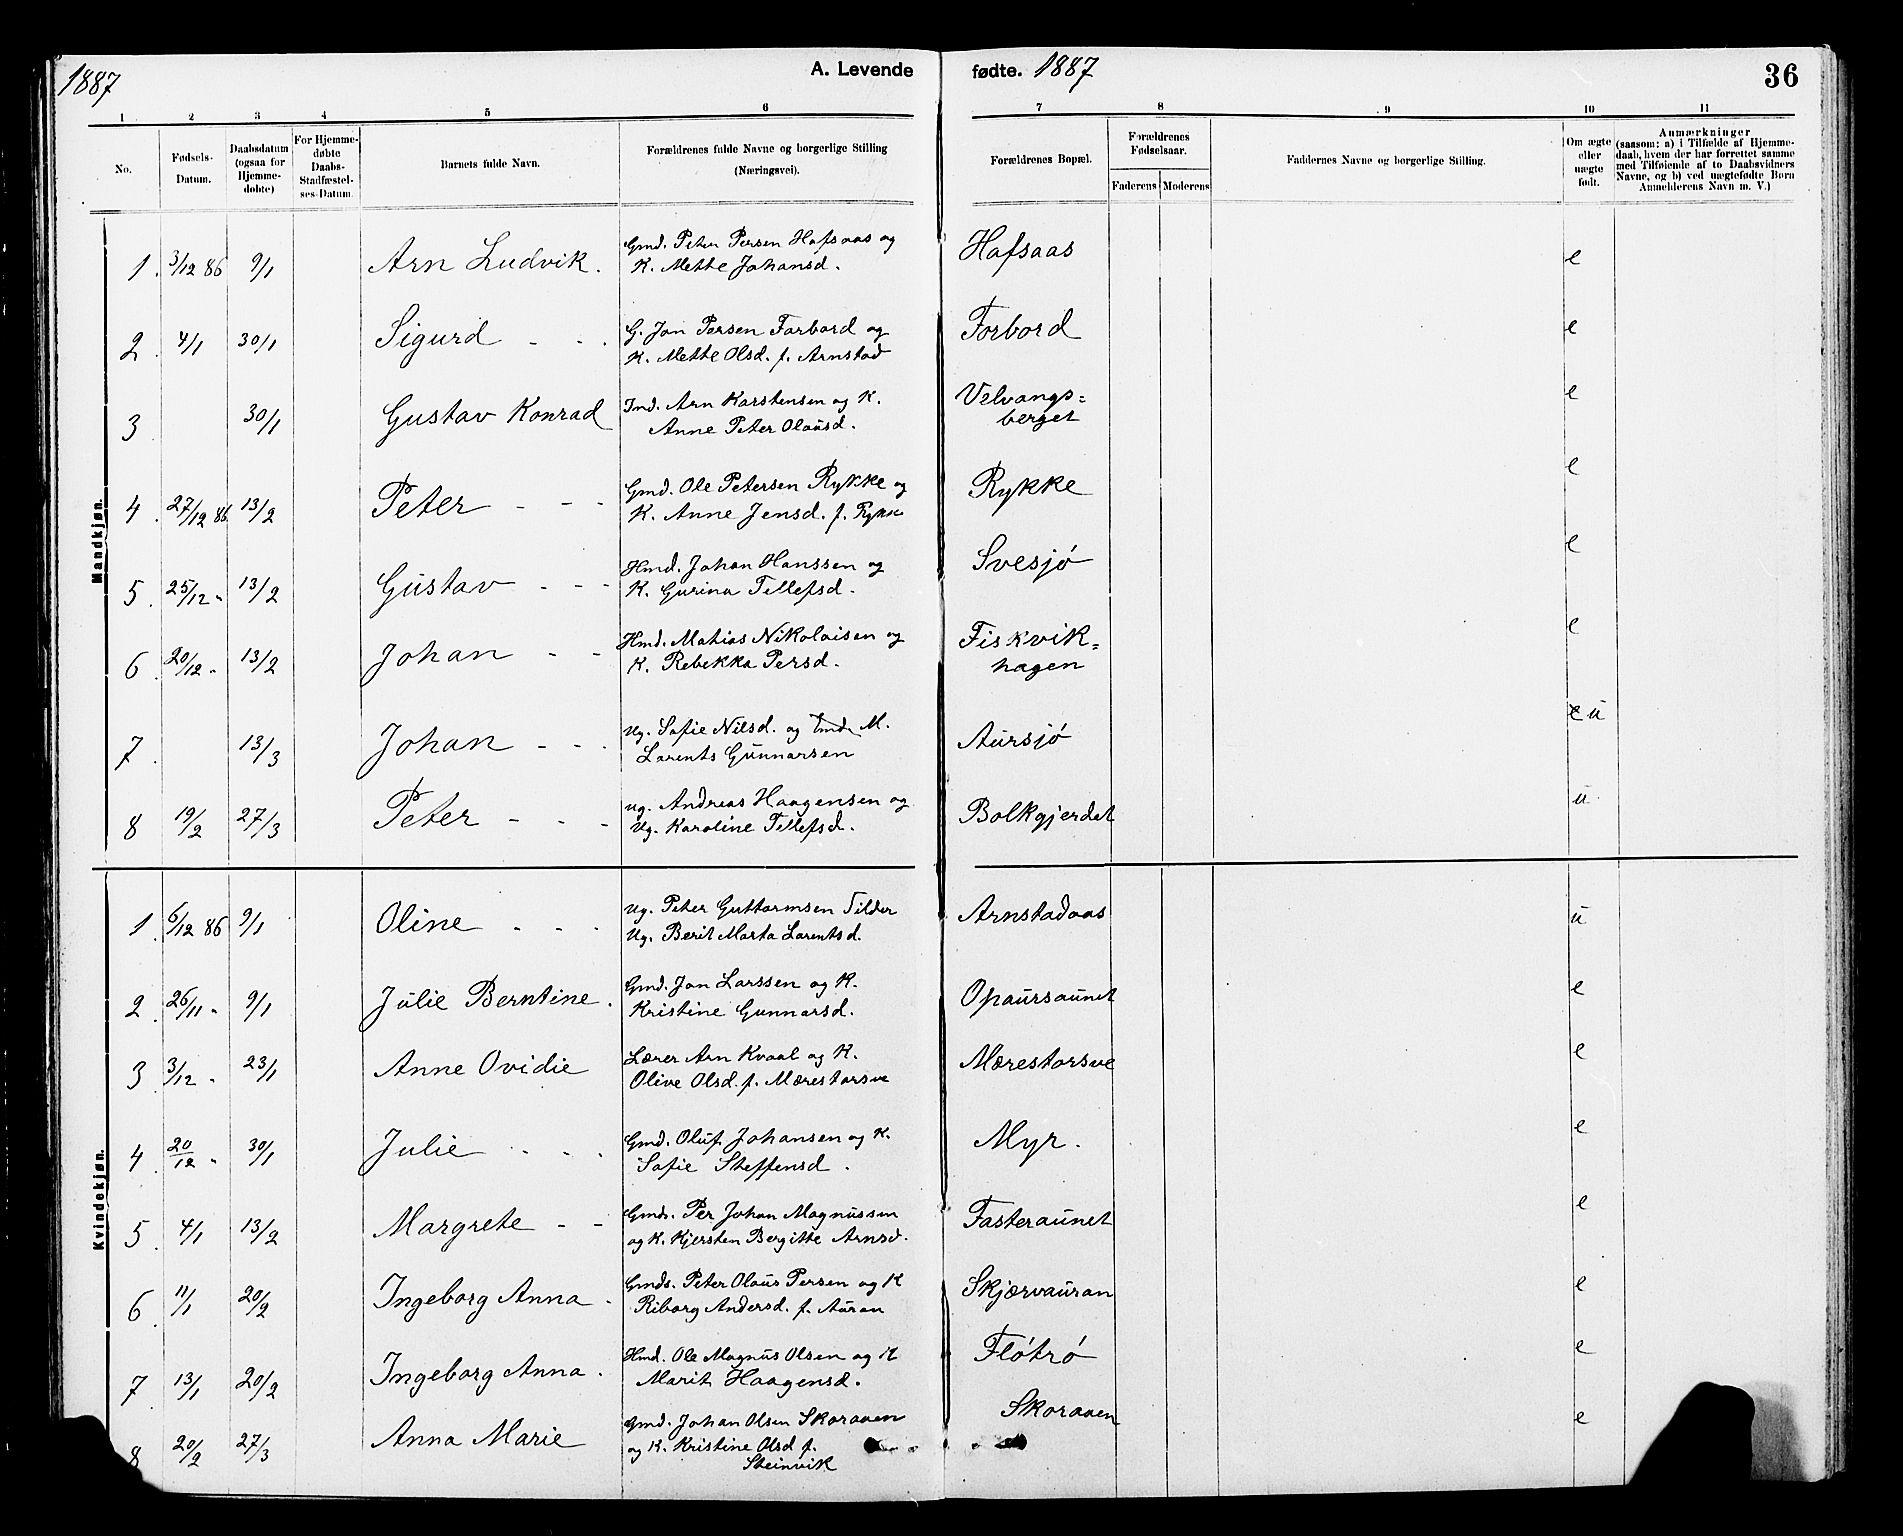 SAT, Ministerialprotokoller, klokkerbøker og fødselsregistre - Nord-Trøndelag, 712/L0103: Klokkerbok nr. 712C01, 1878-1917, s. 36